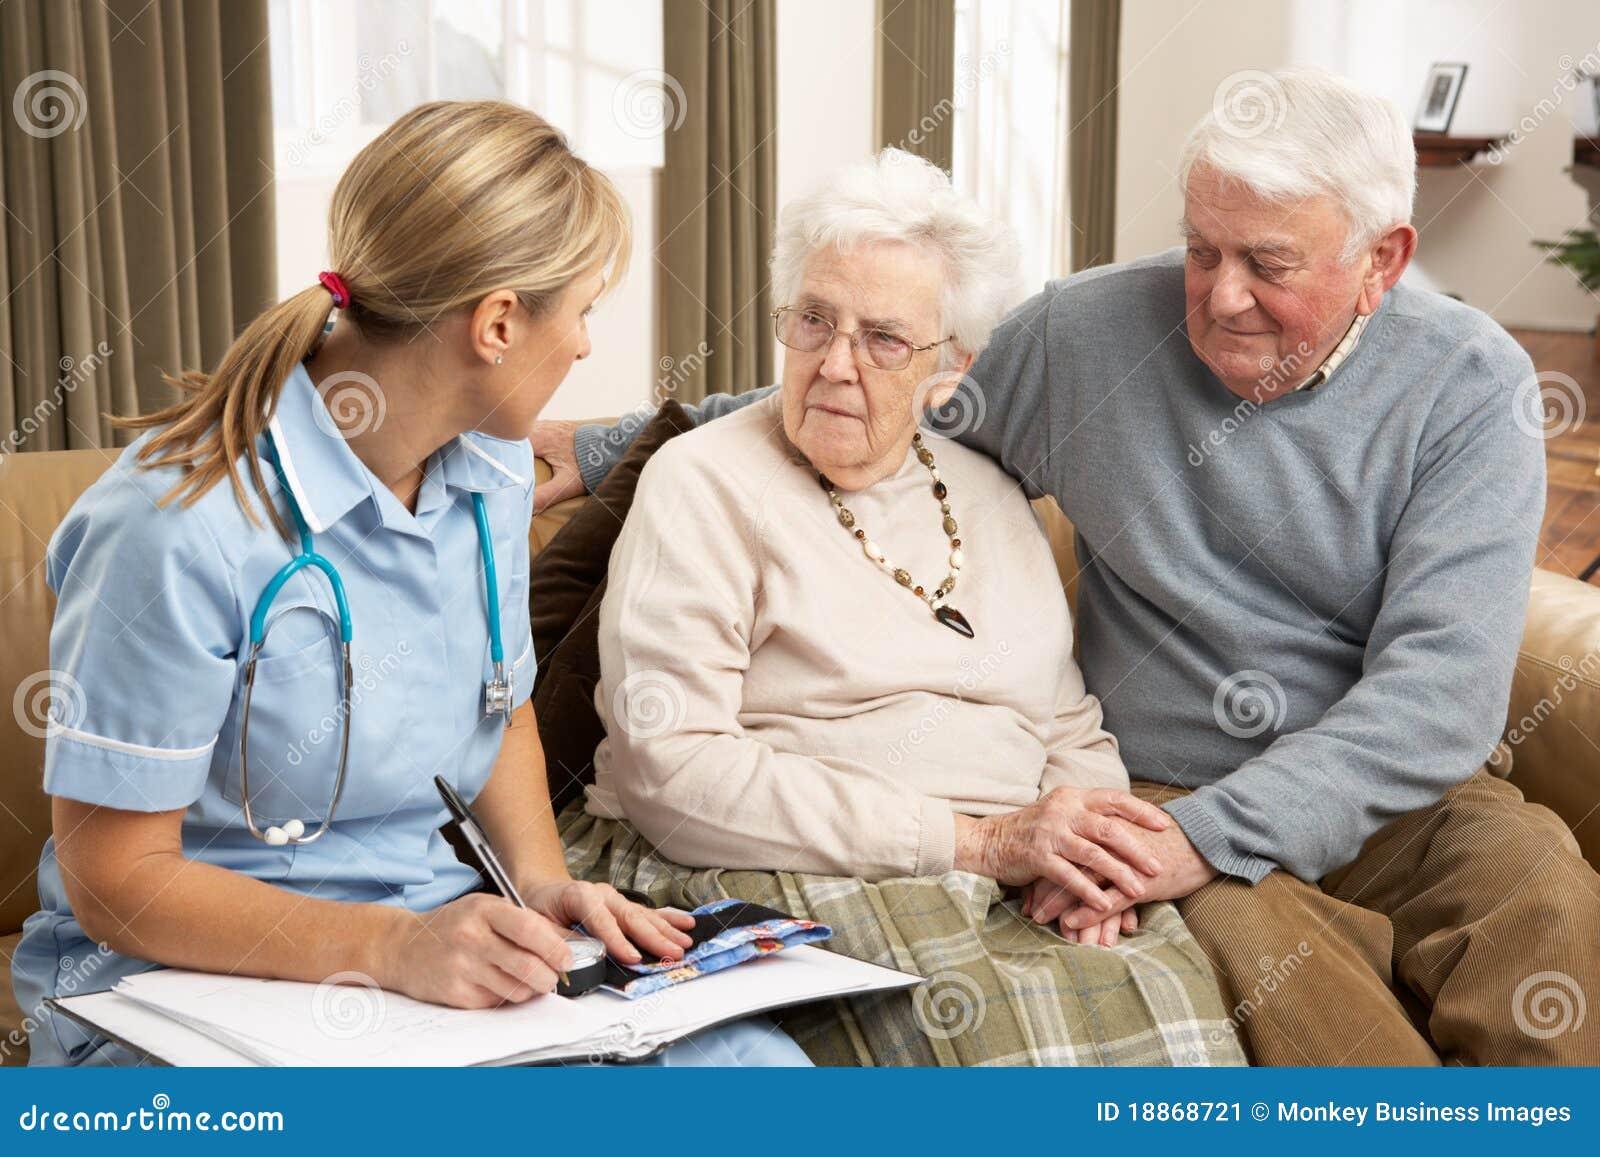 Pares sênior na discussão com o visitante da saúde em